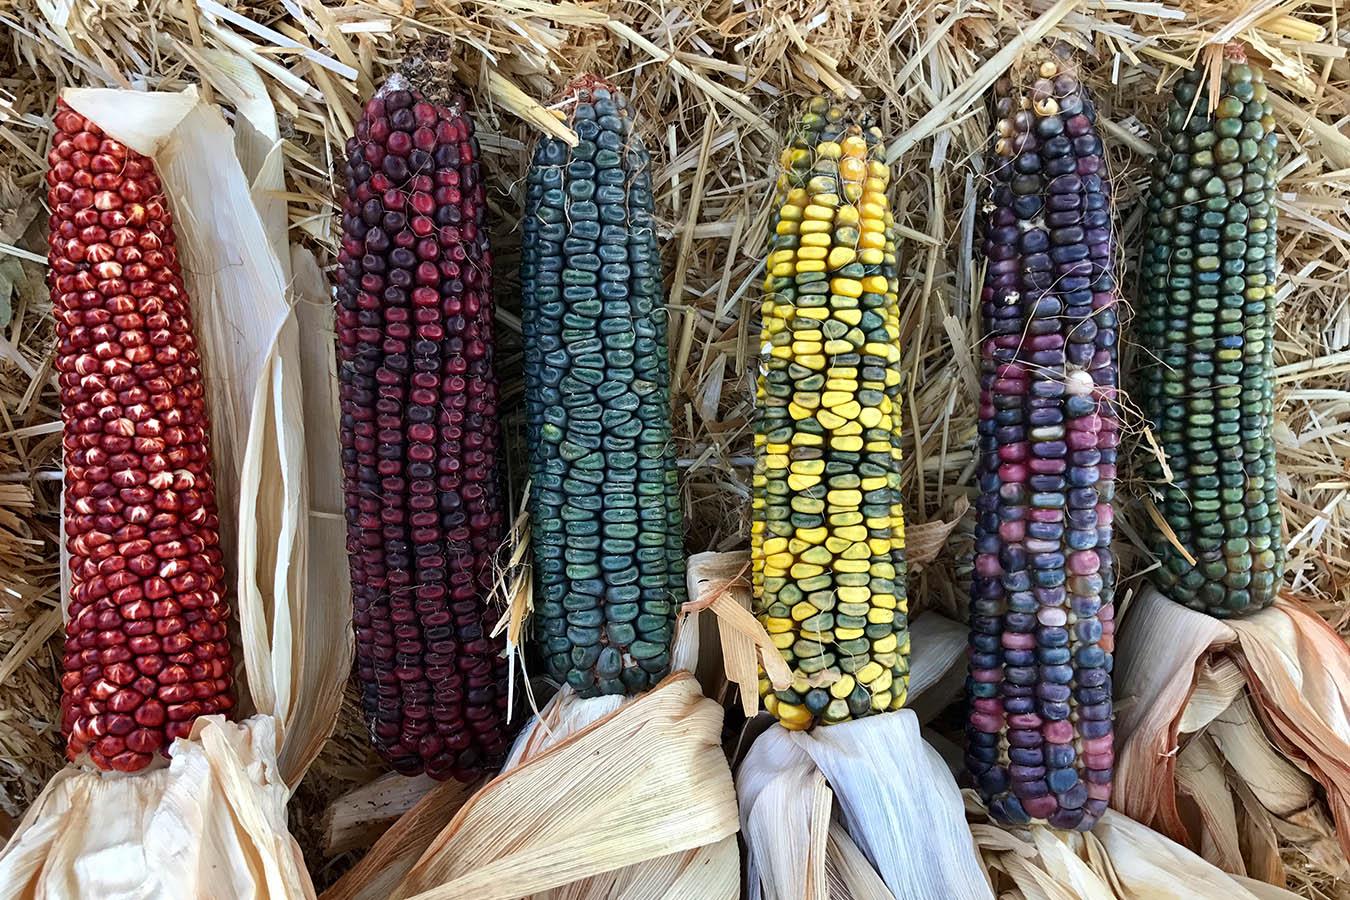 tipos de maiz maiz criollo semillas de maiz maiz estados unidos